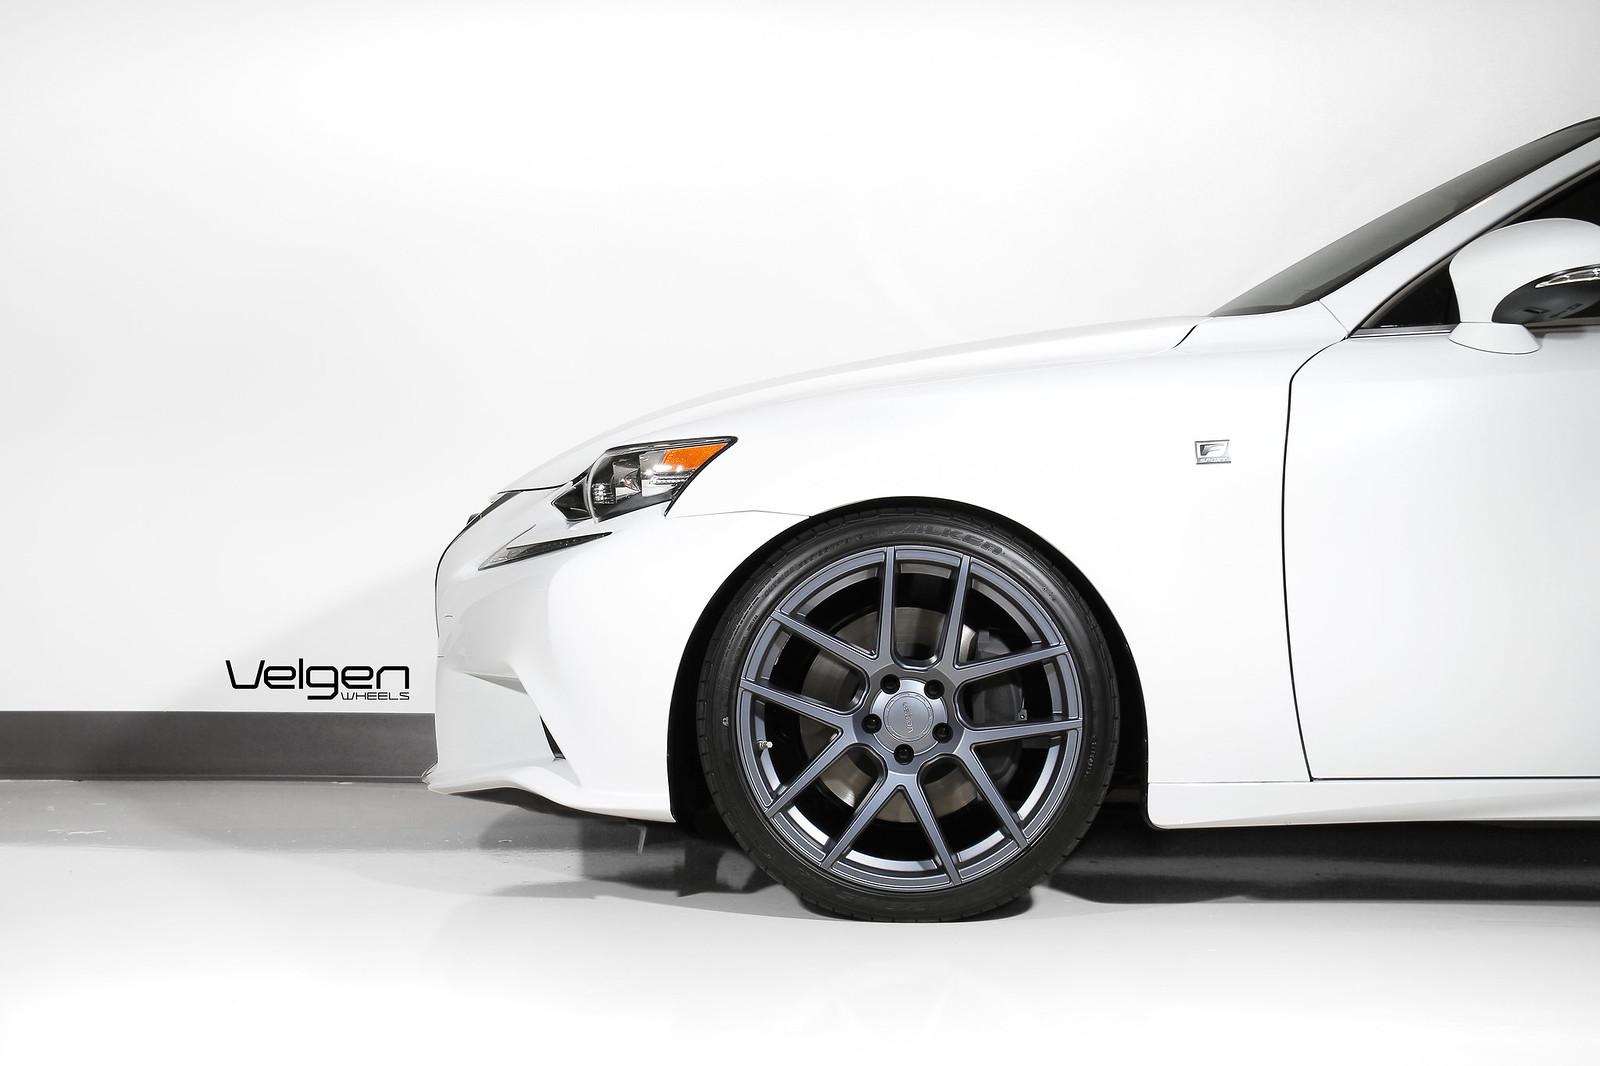 2014 Lexus Is350 On Velgen Wheels Vmb5 Matte Gunmetal 19x9